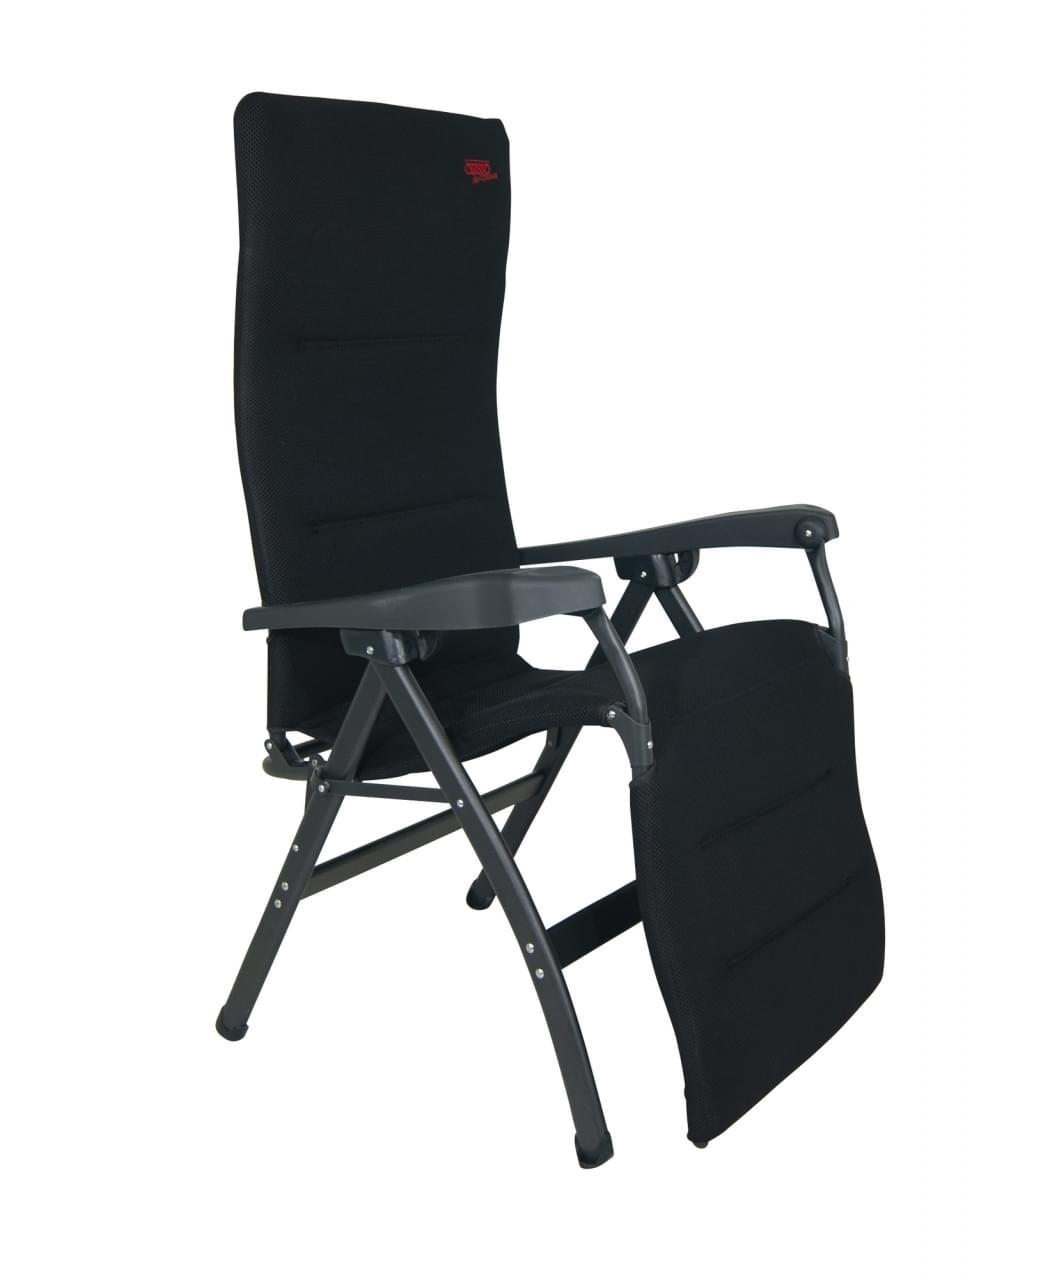 Crespo AP 242 Air deLuxe Relaxstoel Zwart